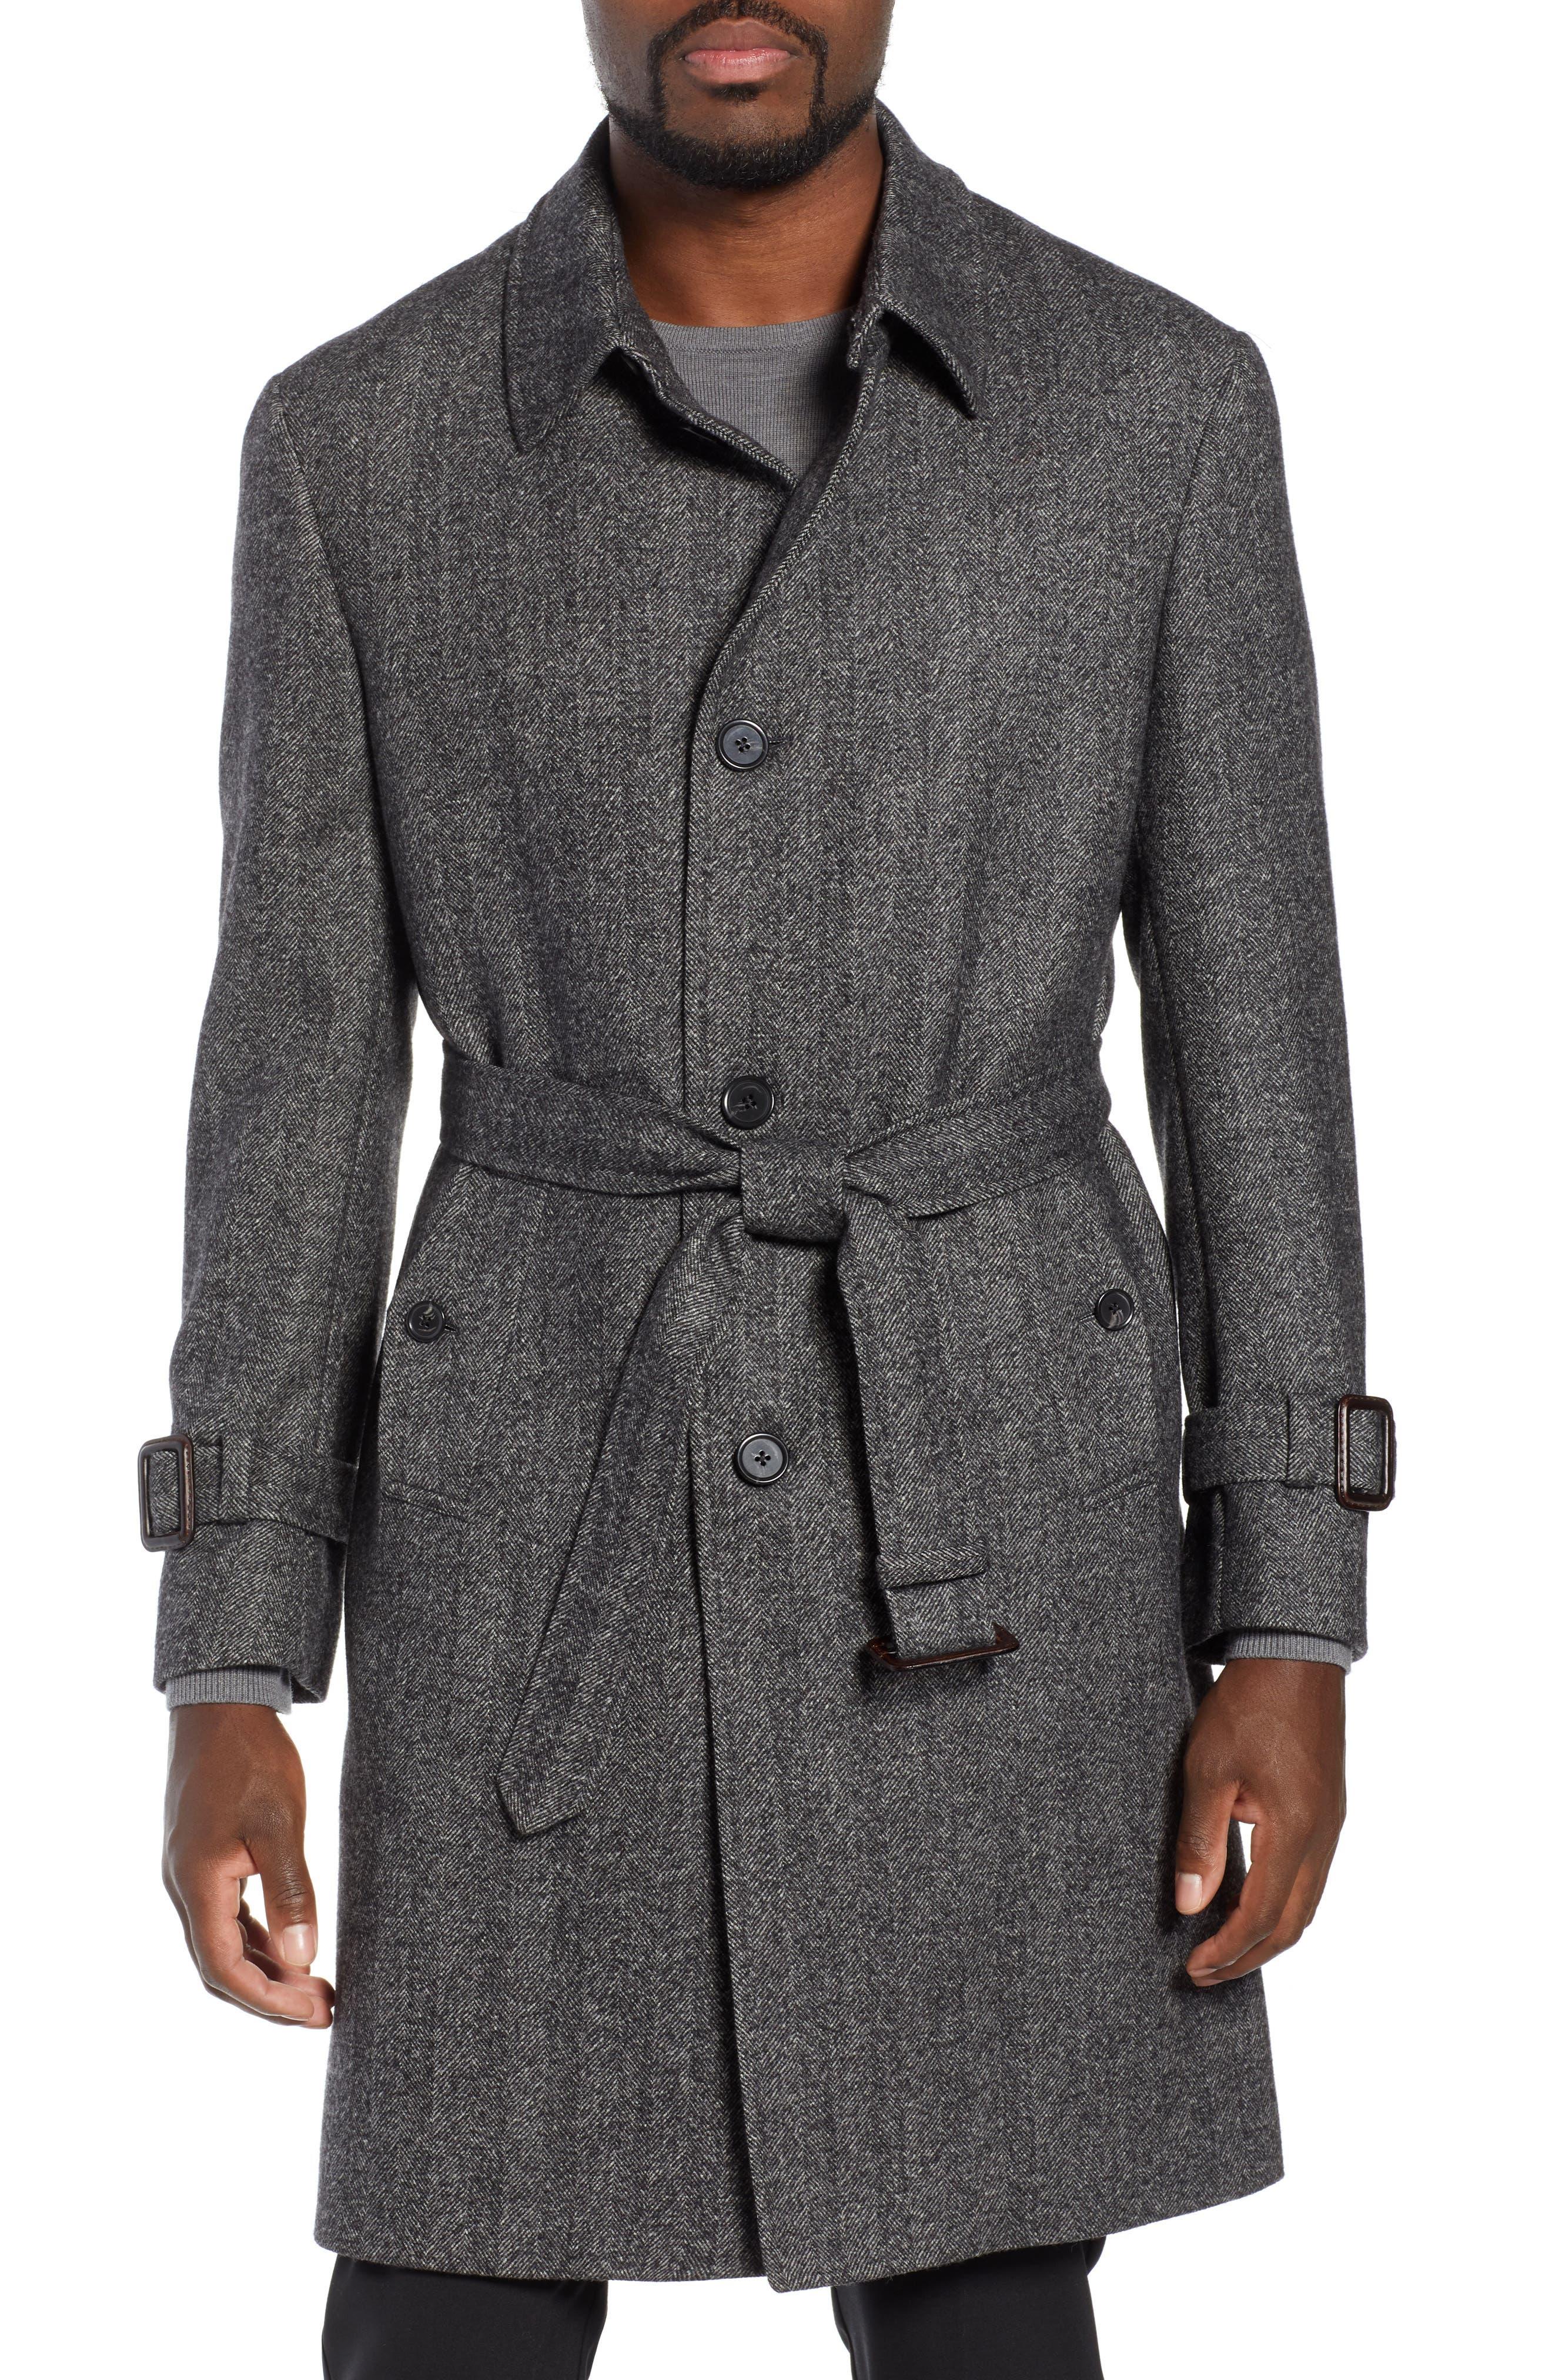 Zelander Herringbone Wool Blend Coat,                             Alternate thumbnail 4, color,                             GREY